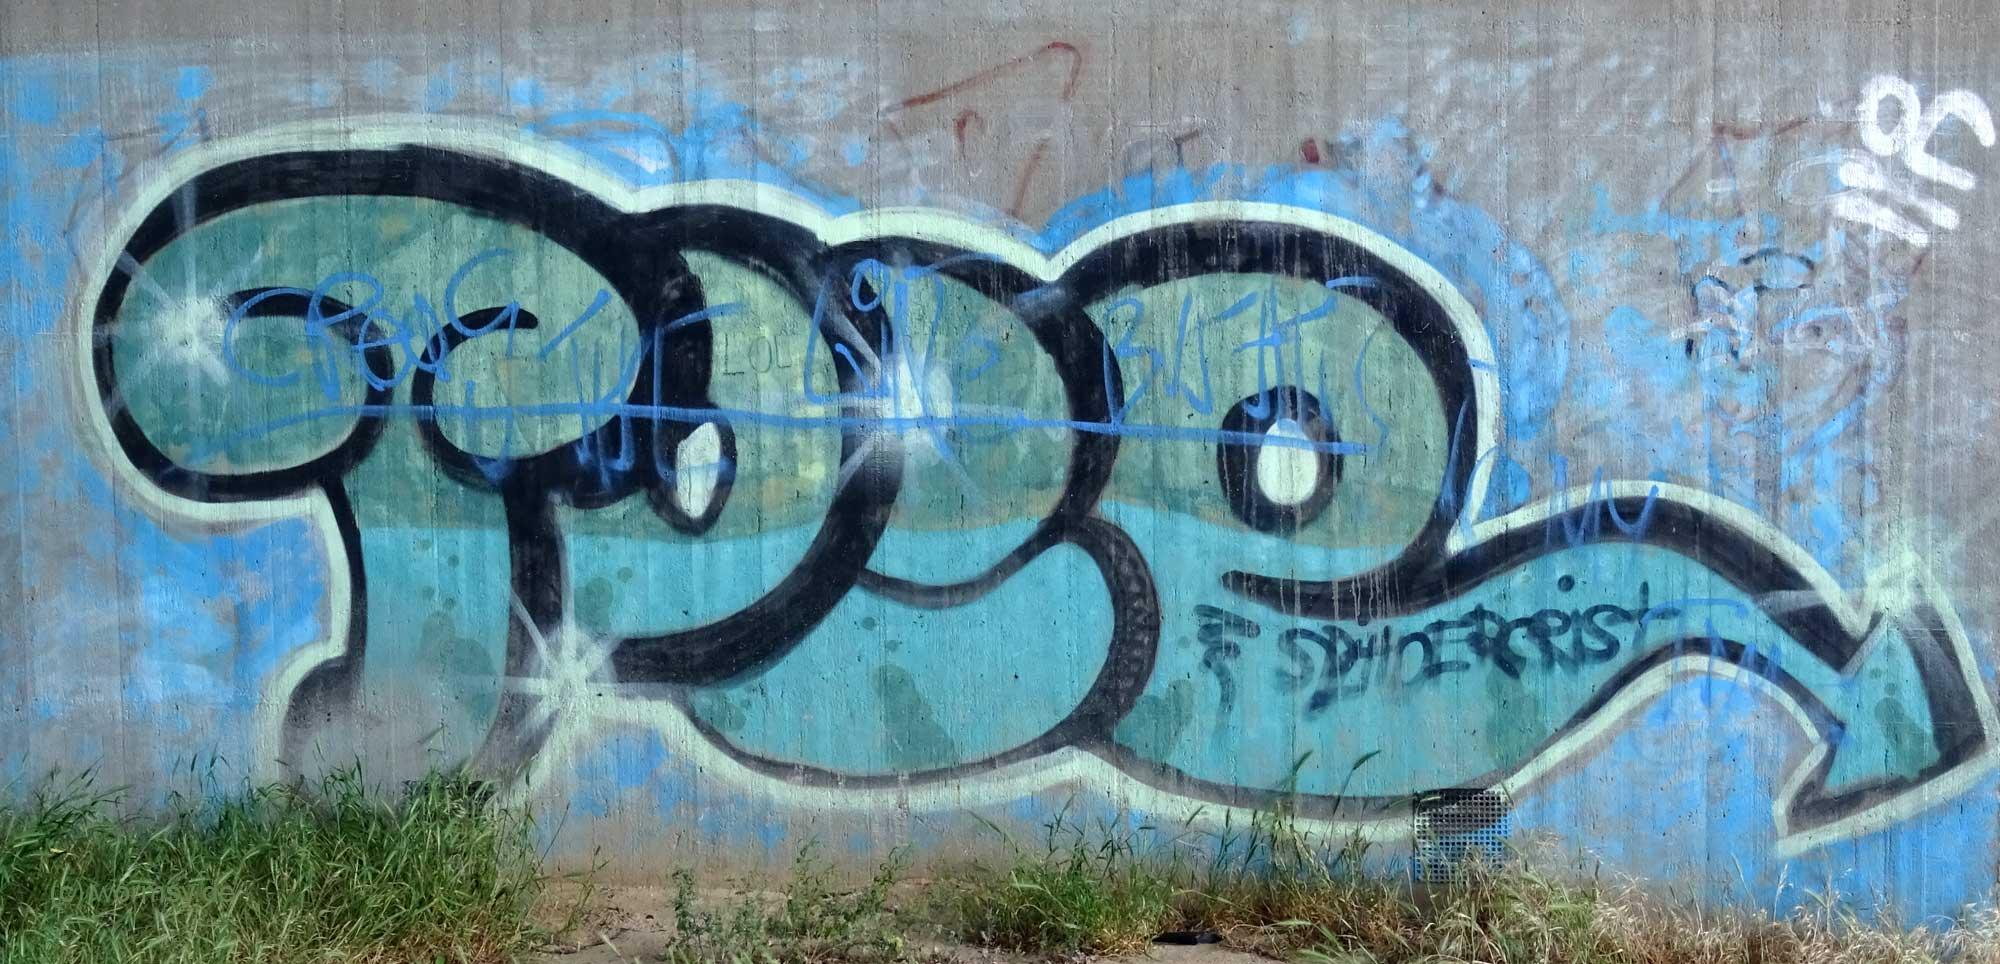 Graffiti unter der Talbrücke Worms-Pfeddersheim - PORE